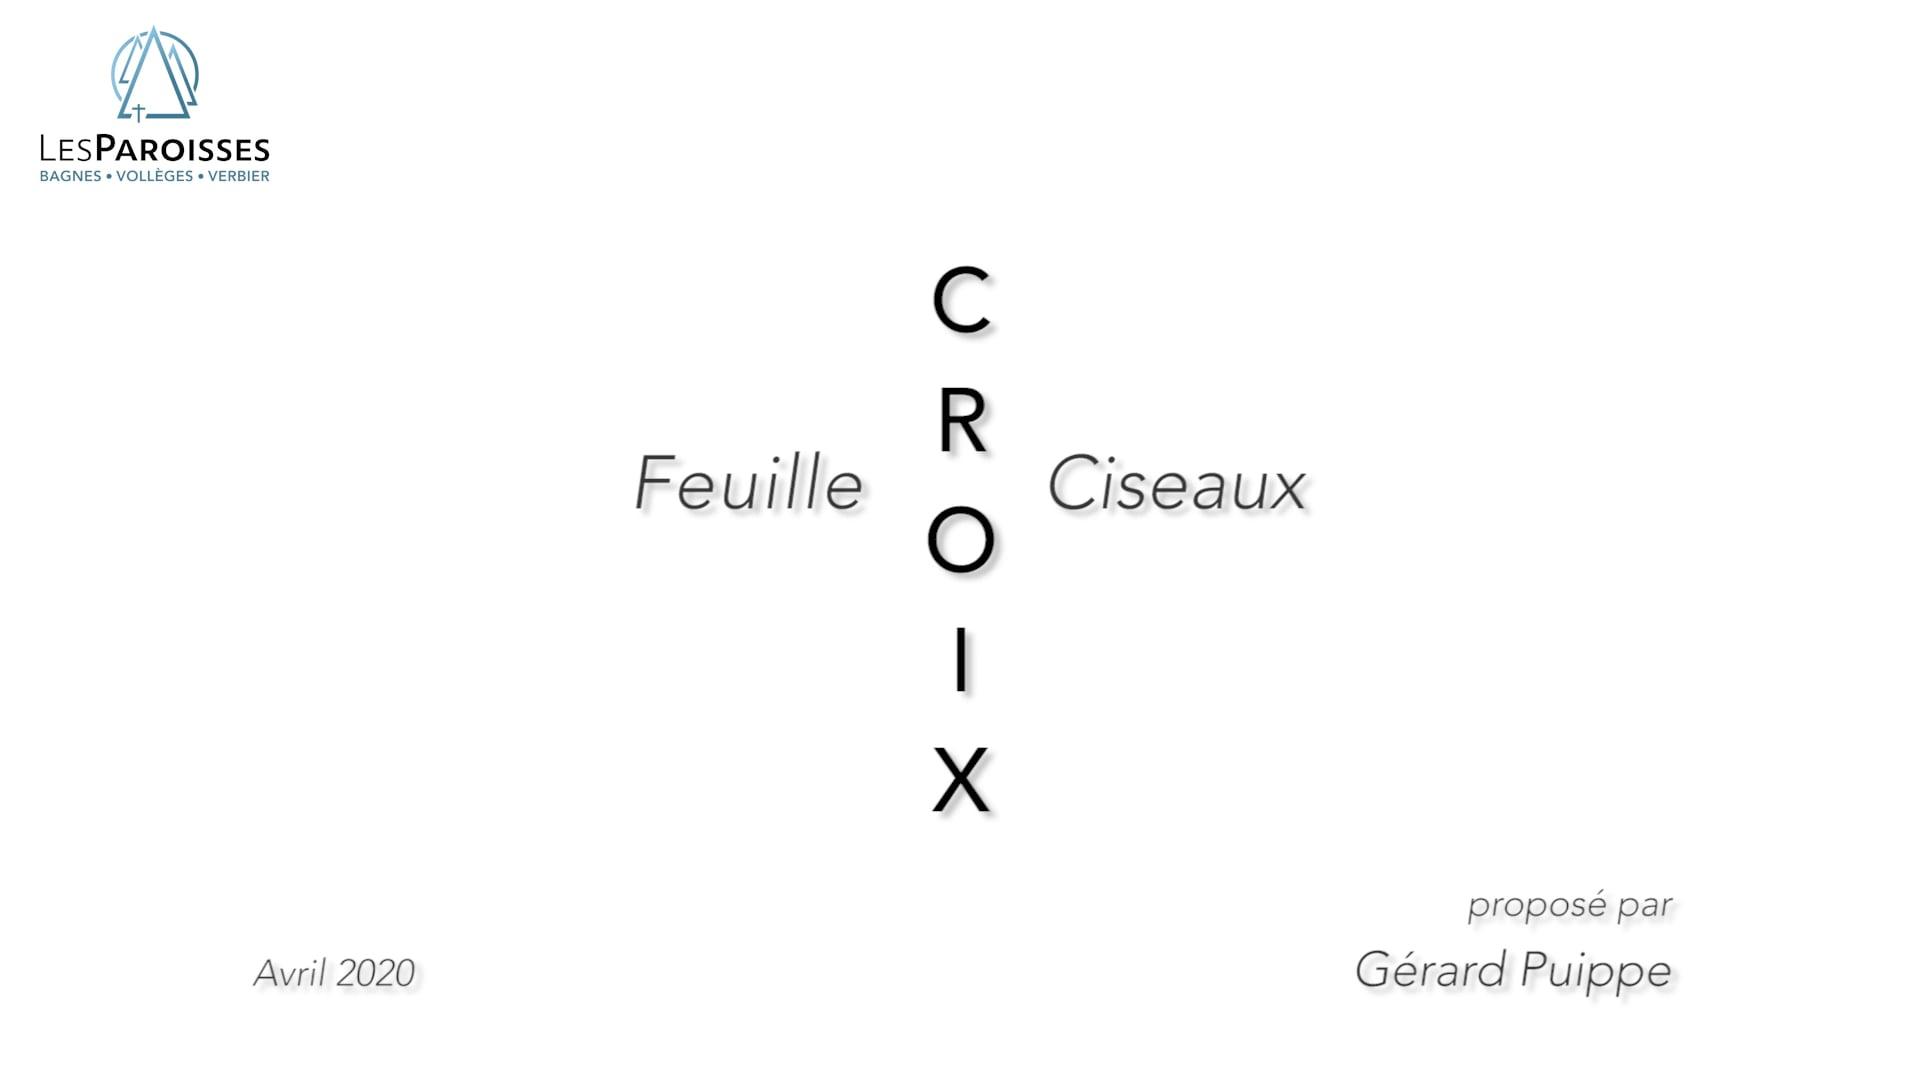 Feuille - Croix - Ciseaux